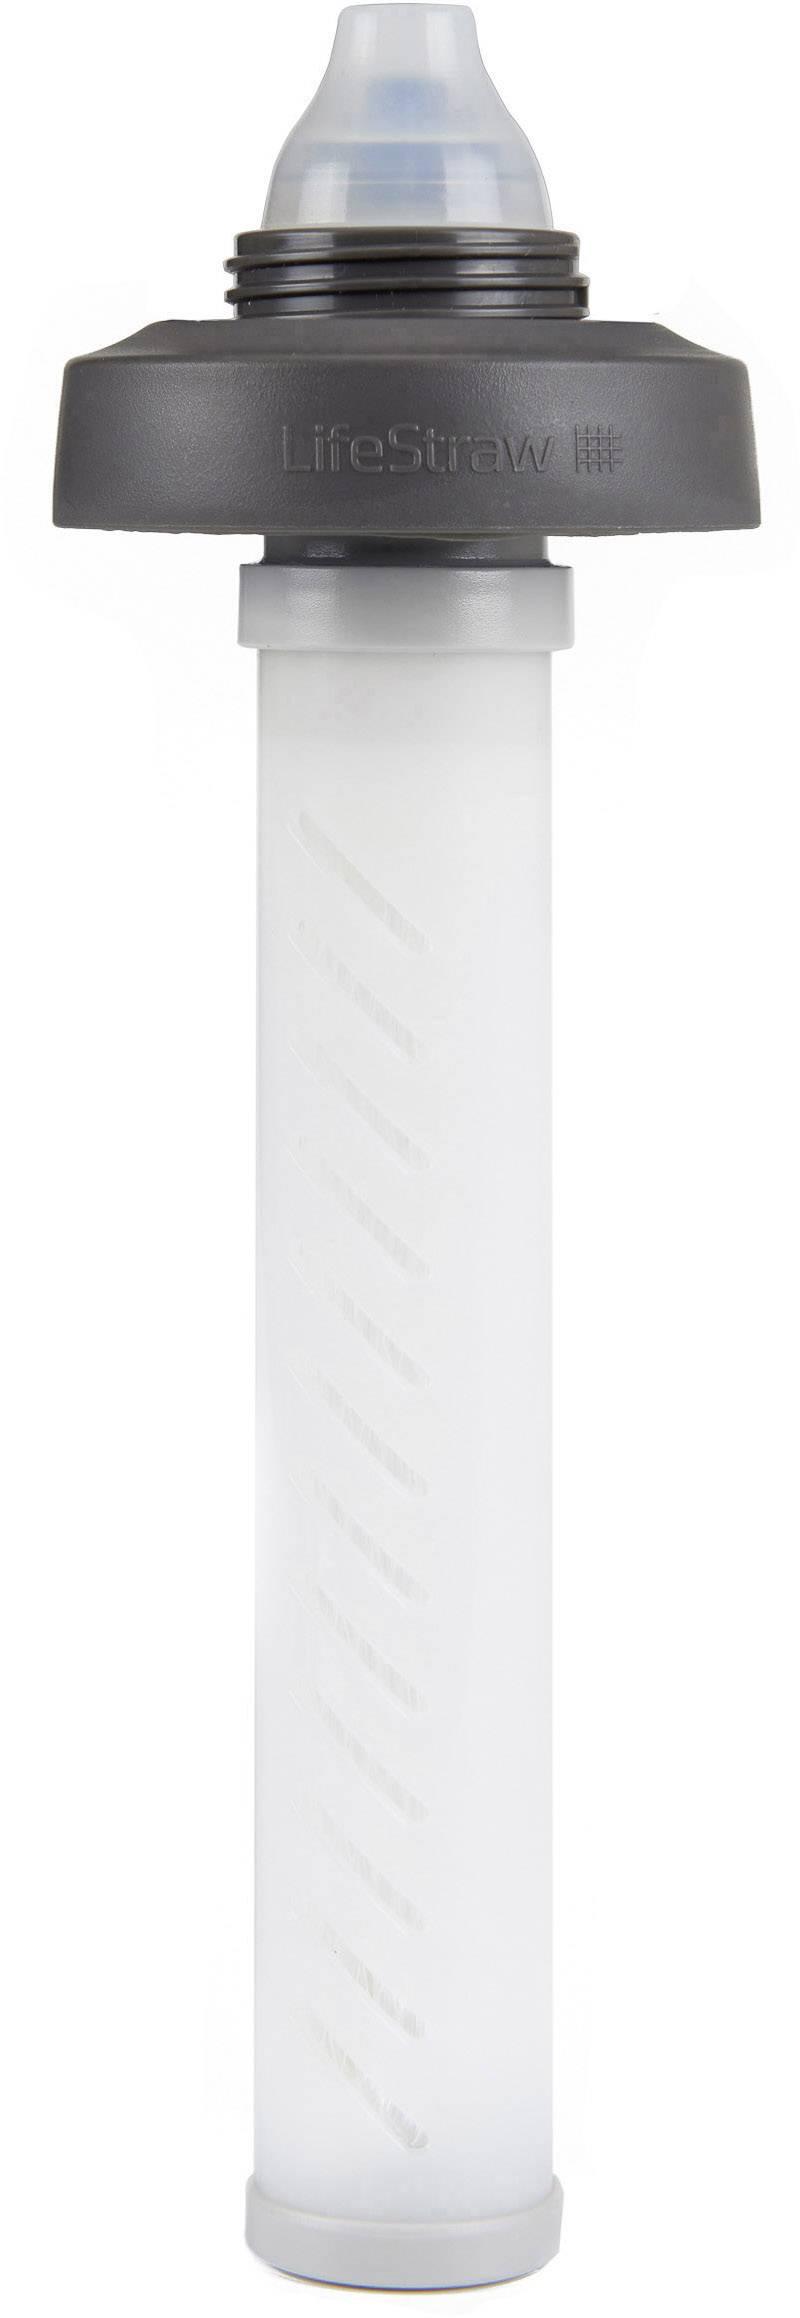 LifeStraw vodní filtr plast 006-6002130 Universal